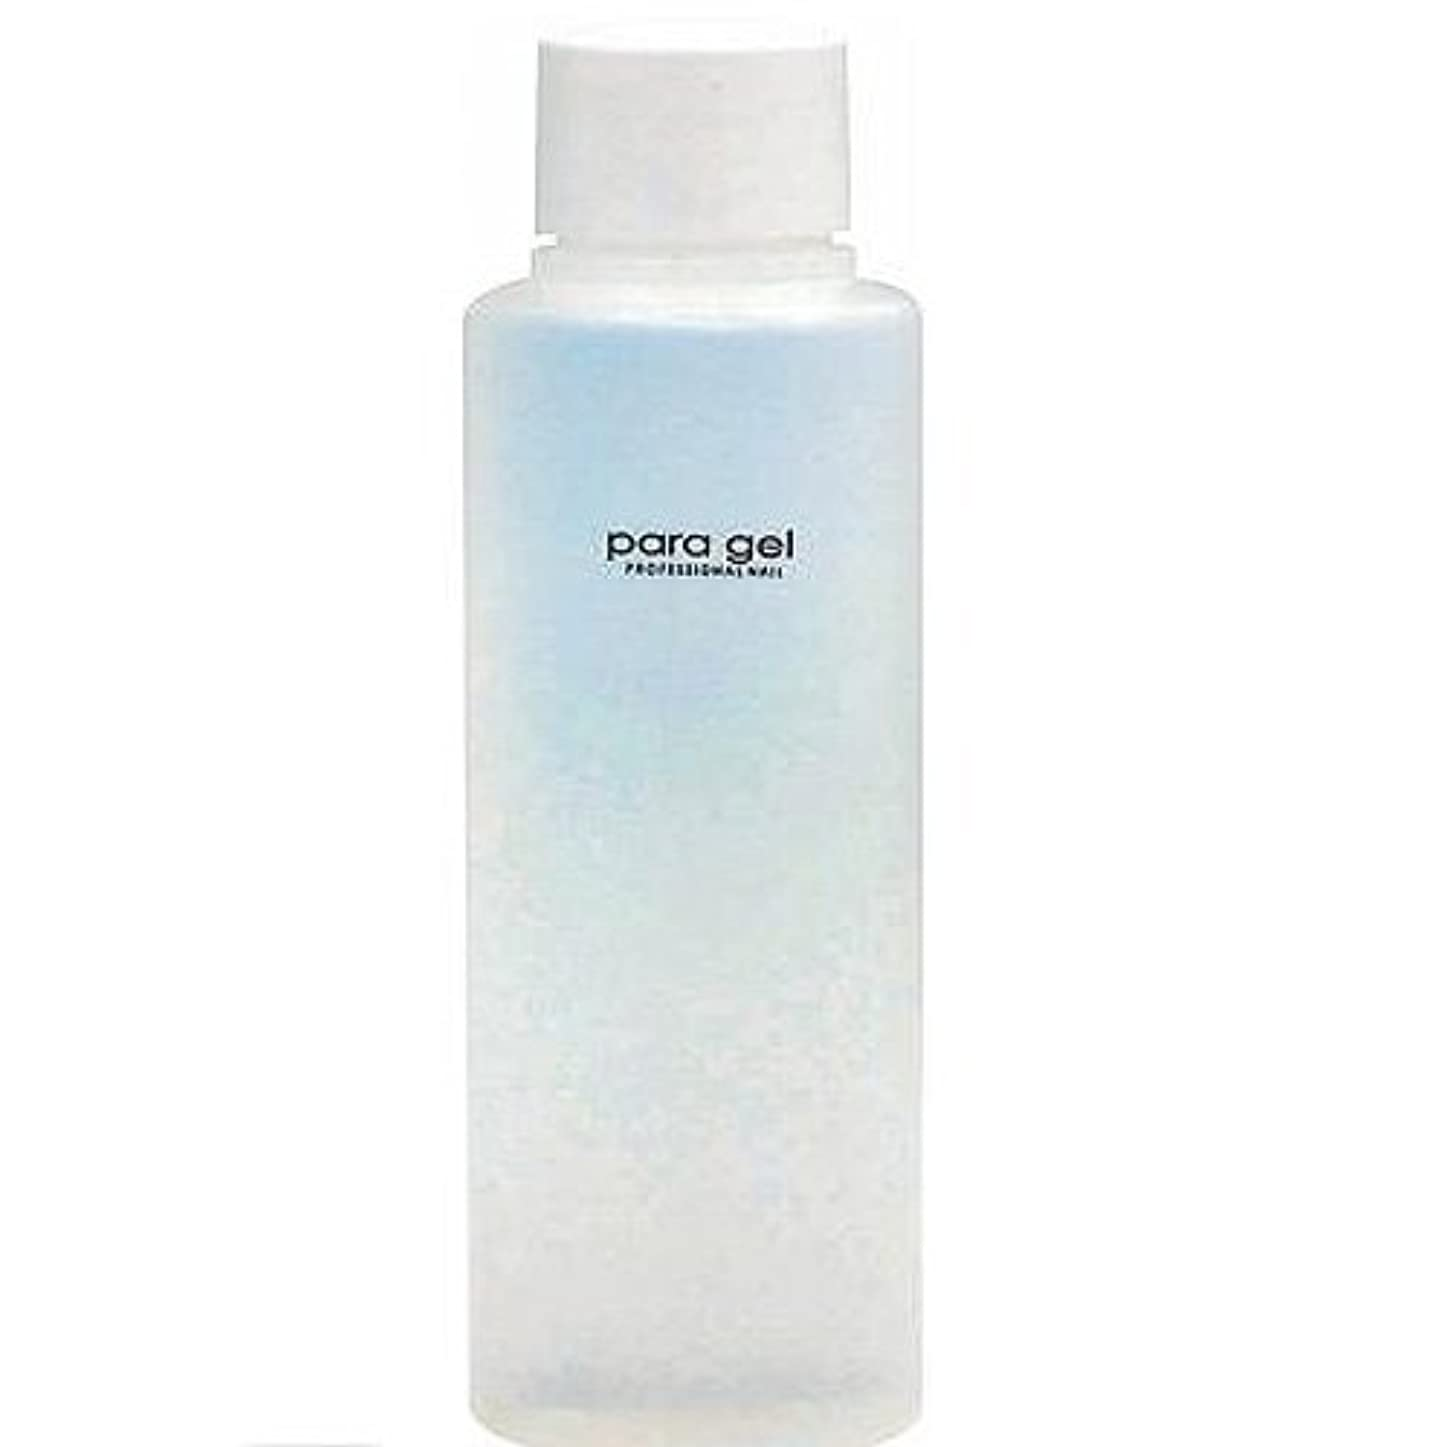 ランチダイヤモンド組パラジェル(para gel) パラクリーナー 120ml